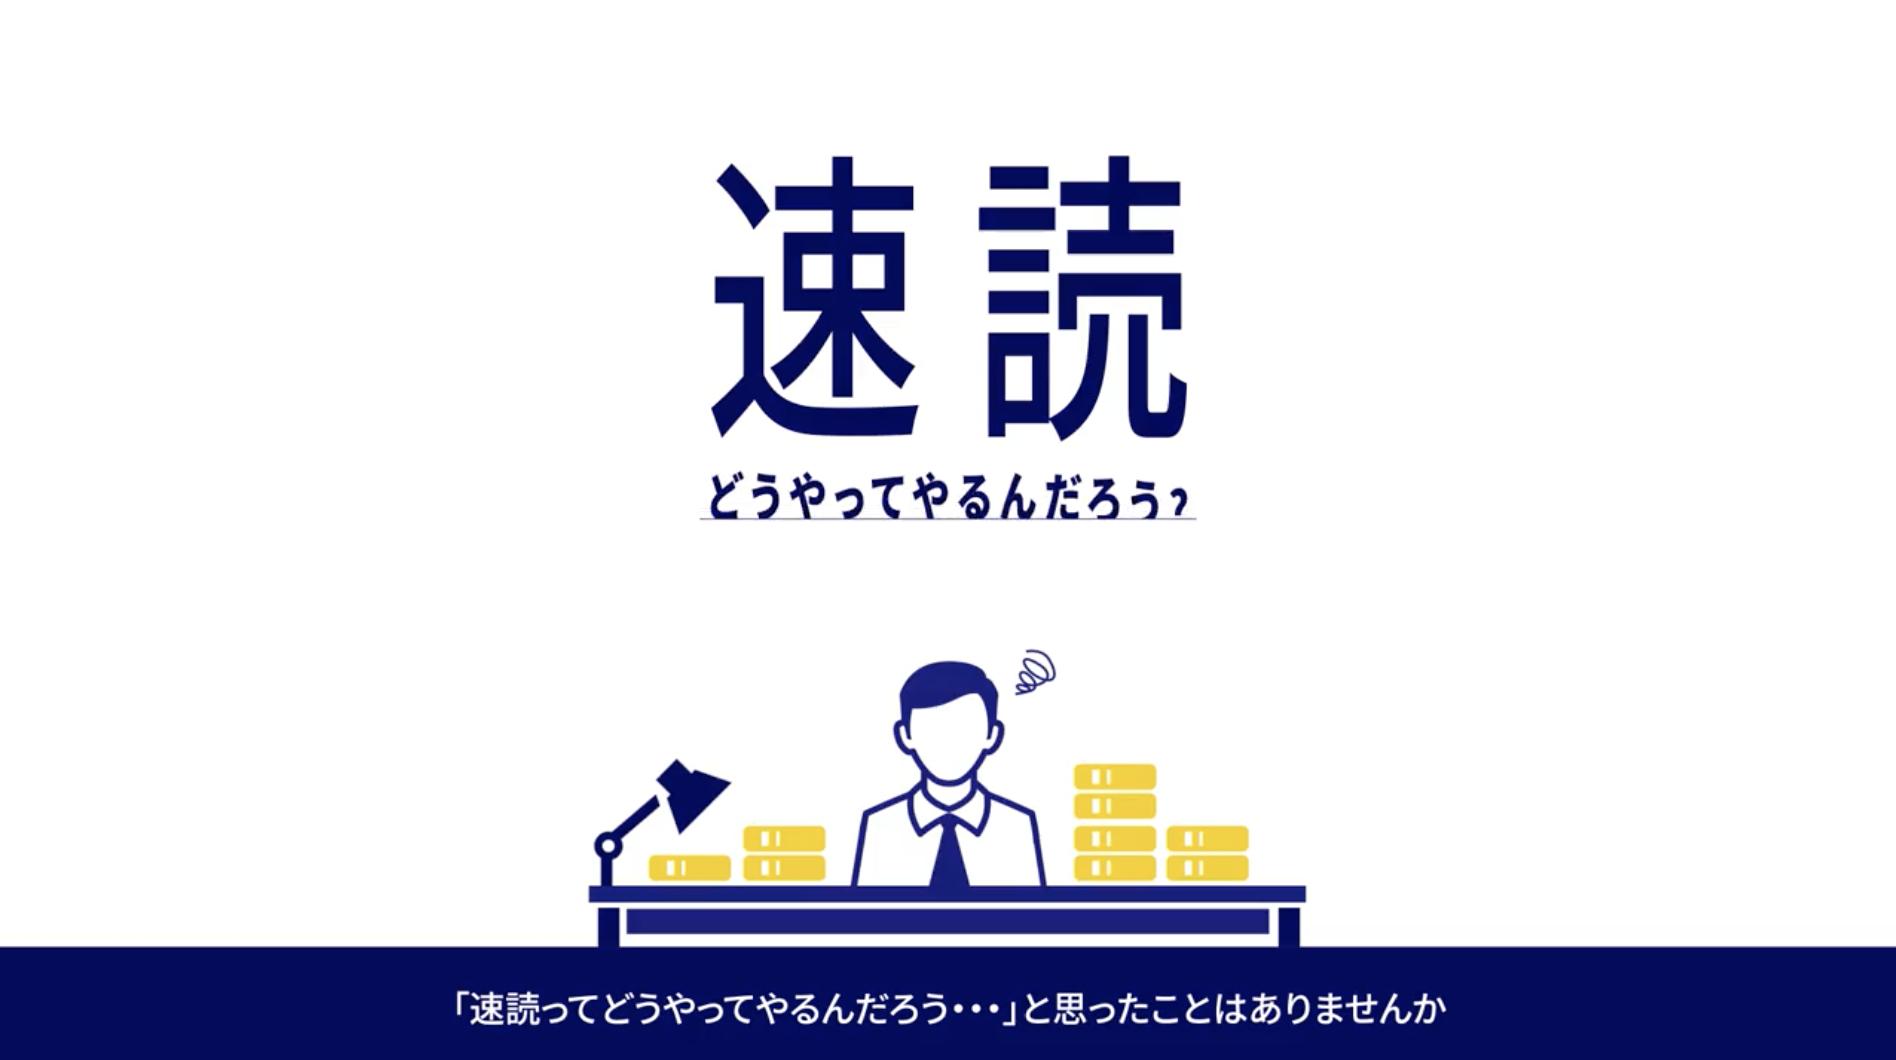 株式会社野村総合研究所